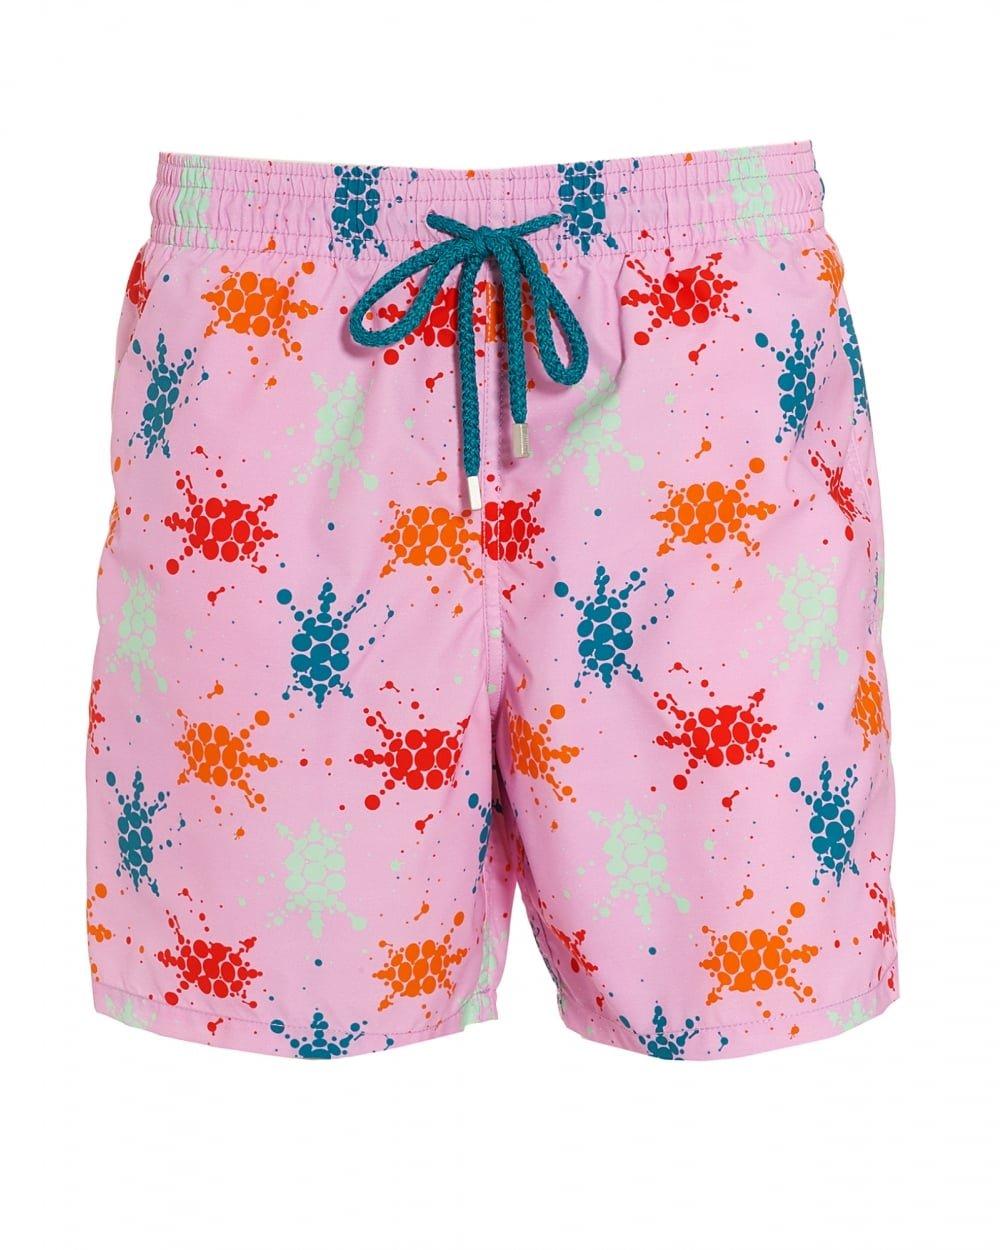 Vilebrequin - Japan Turtles Moorea Swimwear - Men - XXL - Rose Quartz